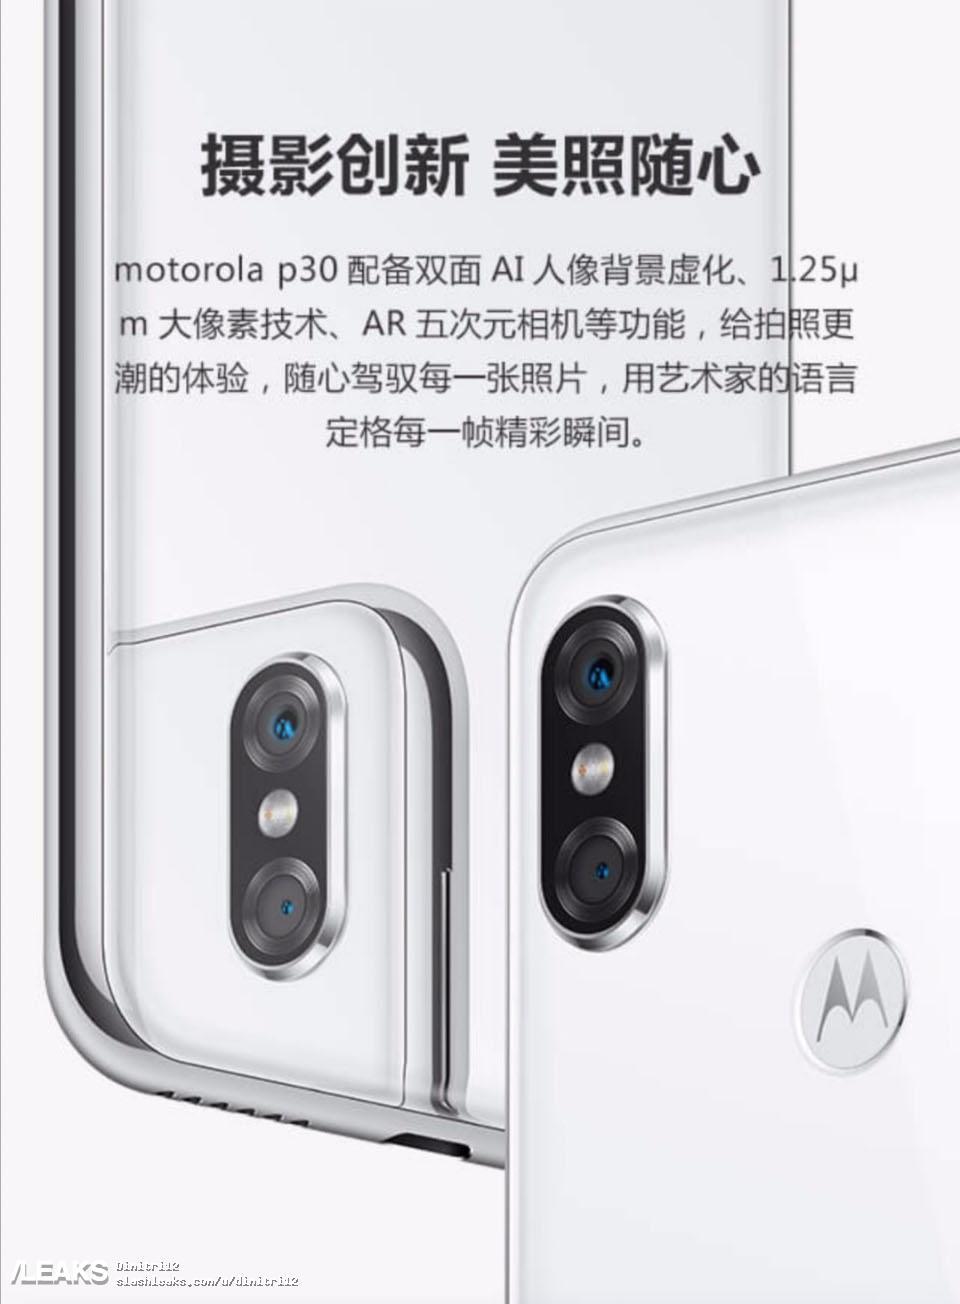 Specifikationer och bilder på Motorola P30